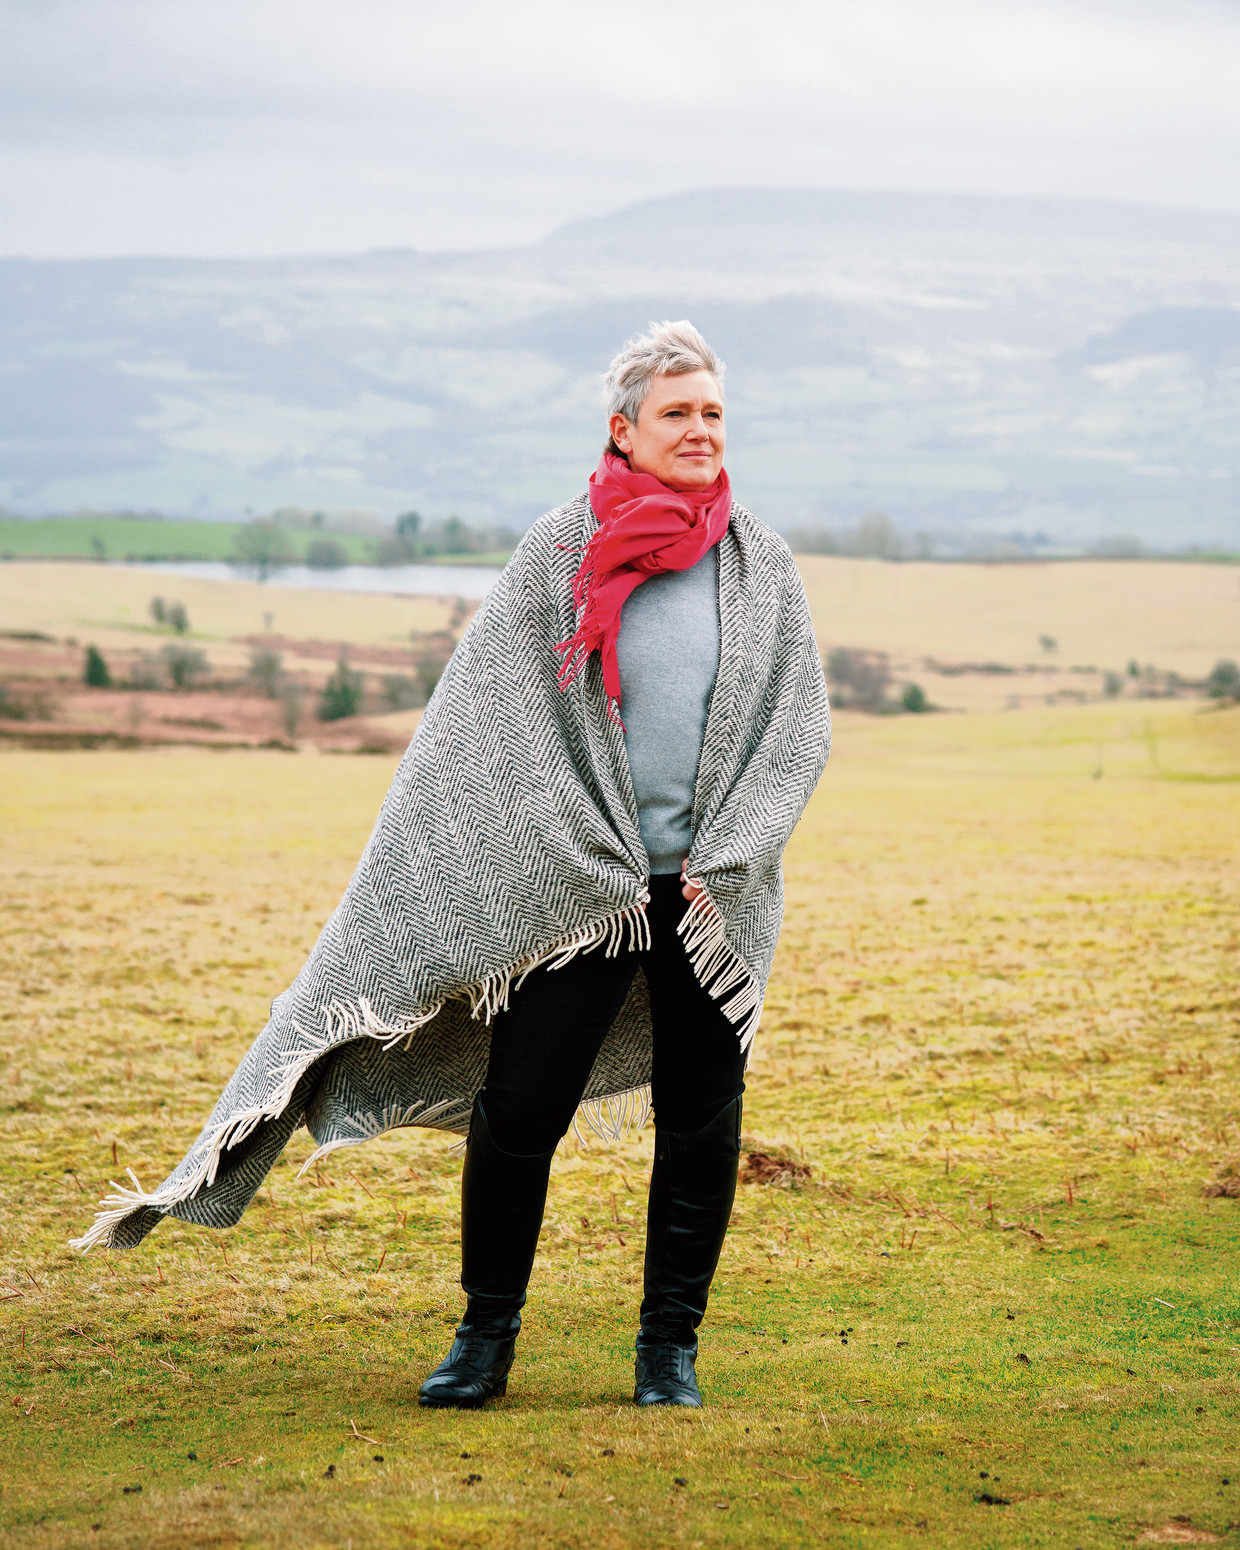 Kate Bingham in Wales, waar ze met haar gezin woont.  Beeld Francesca Jones / Telegraph